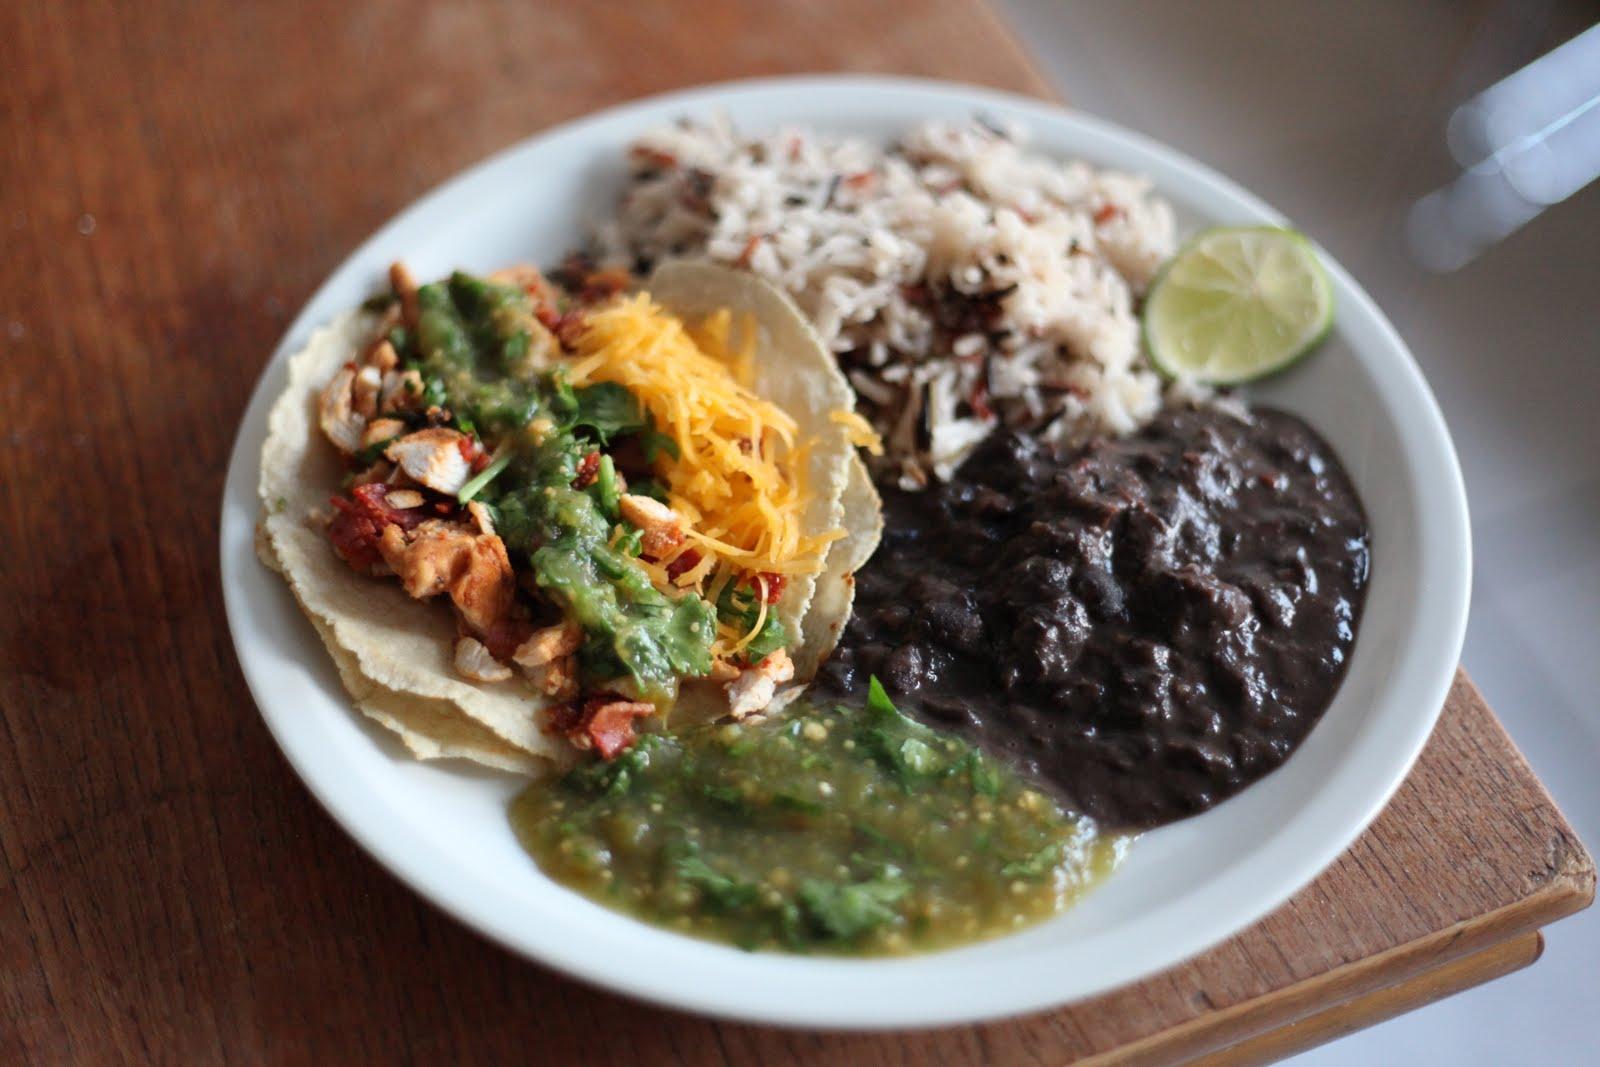 Tacos De Pollo En Adobo Con Salsa Verde, Arroz Y Frijoles